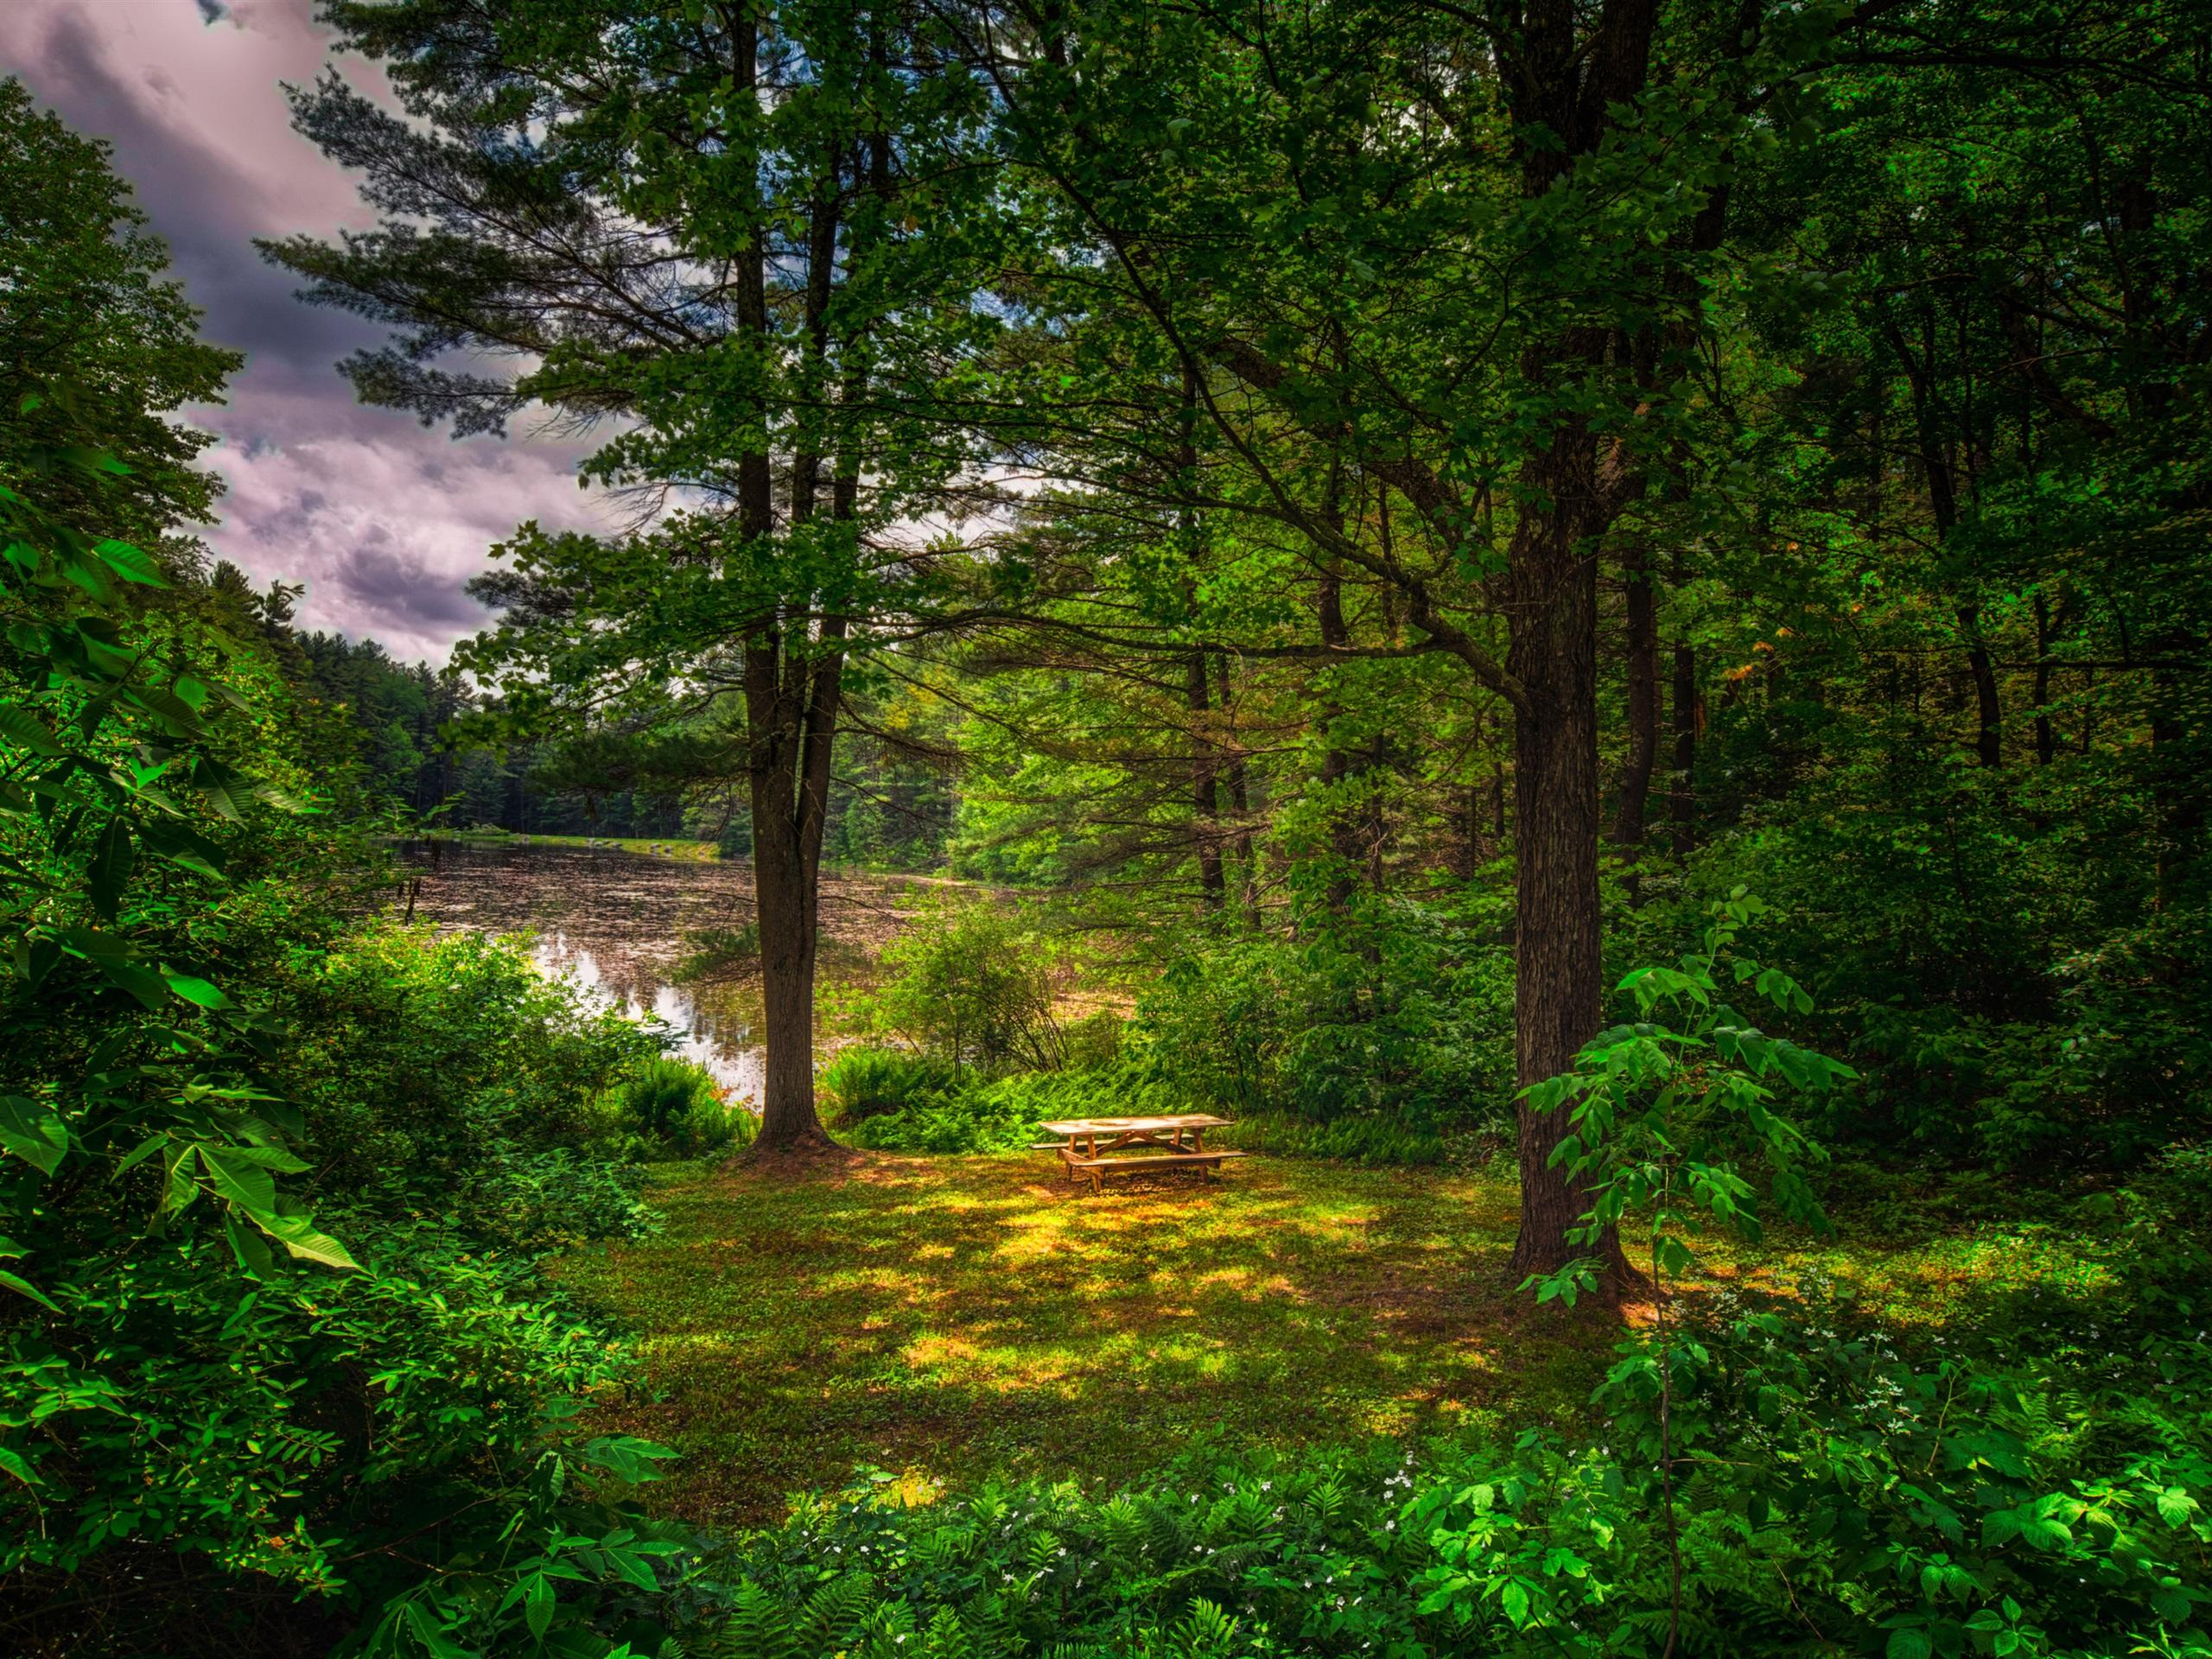 夏天,森林,树木,草地,池塘 壁纸图片